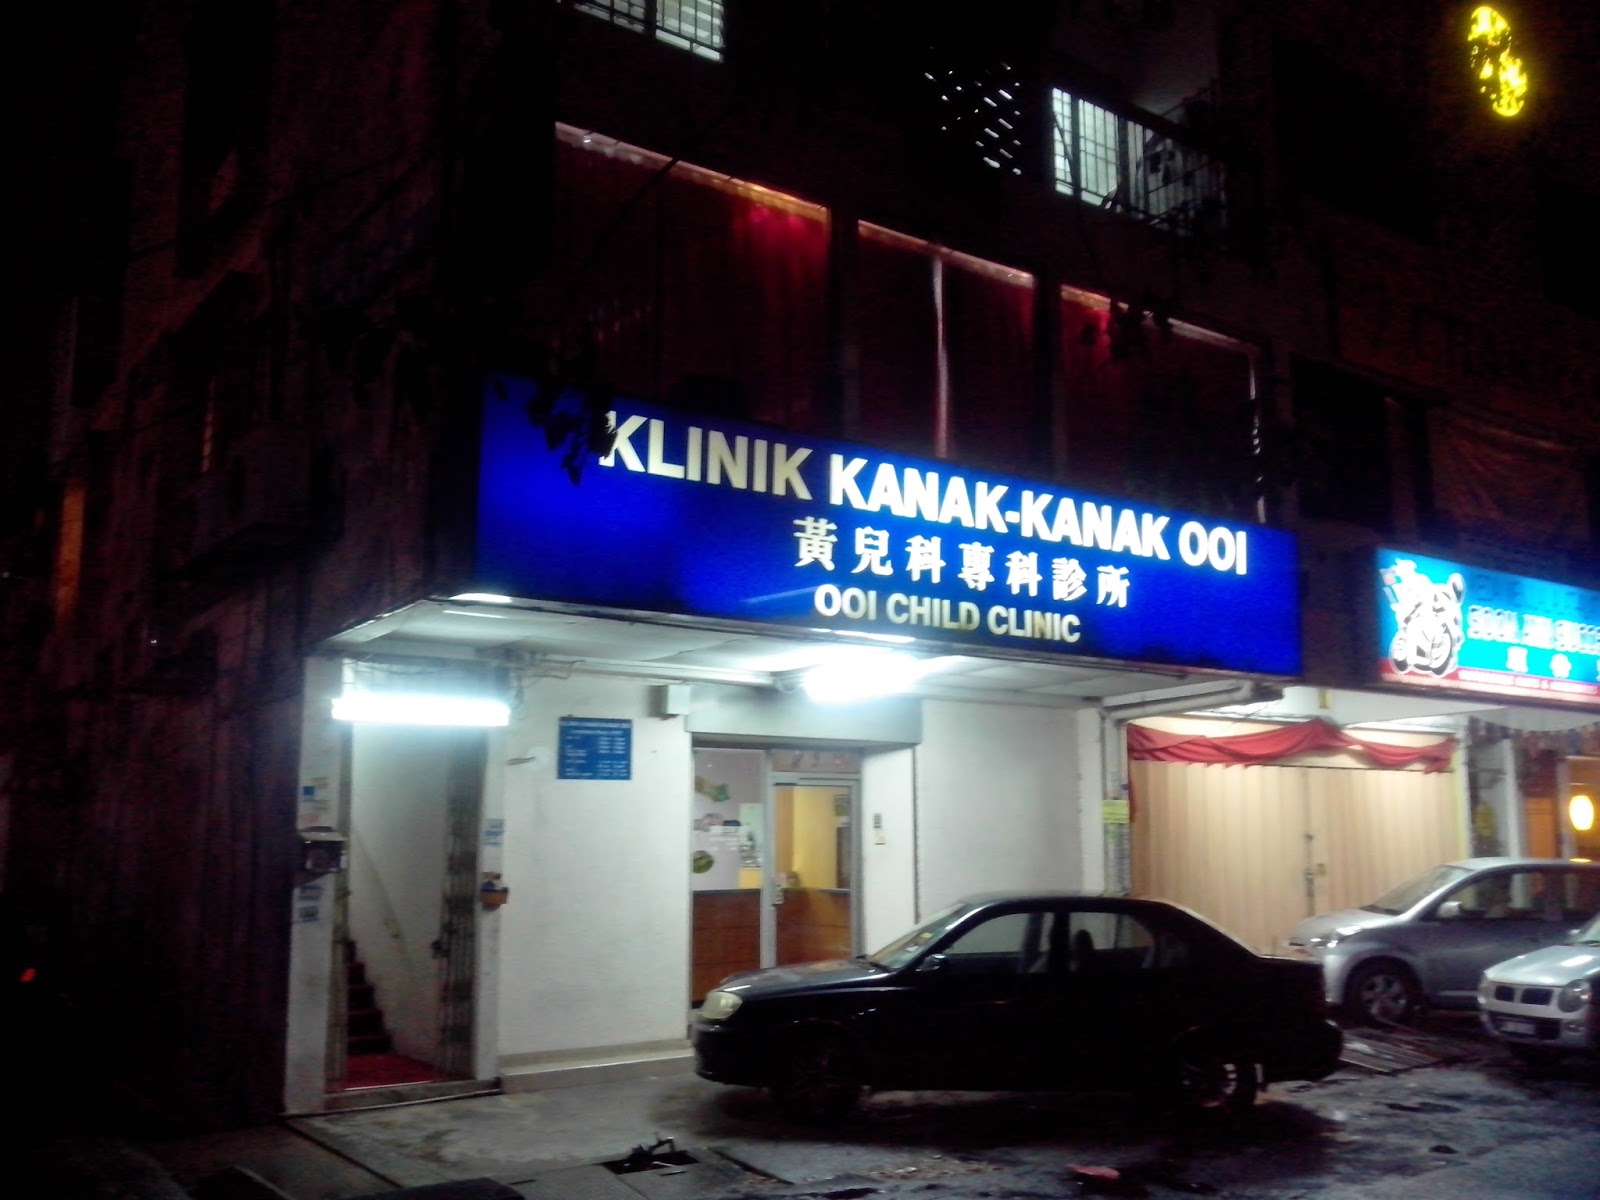 My Home In Brick Fields Klinik Kanak Kanak Ooi Ooi Child